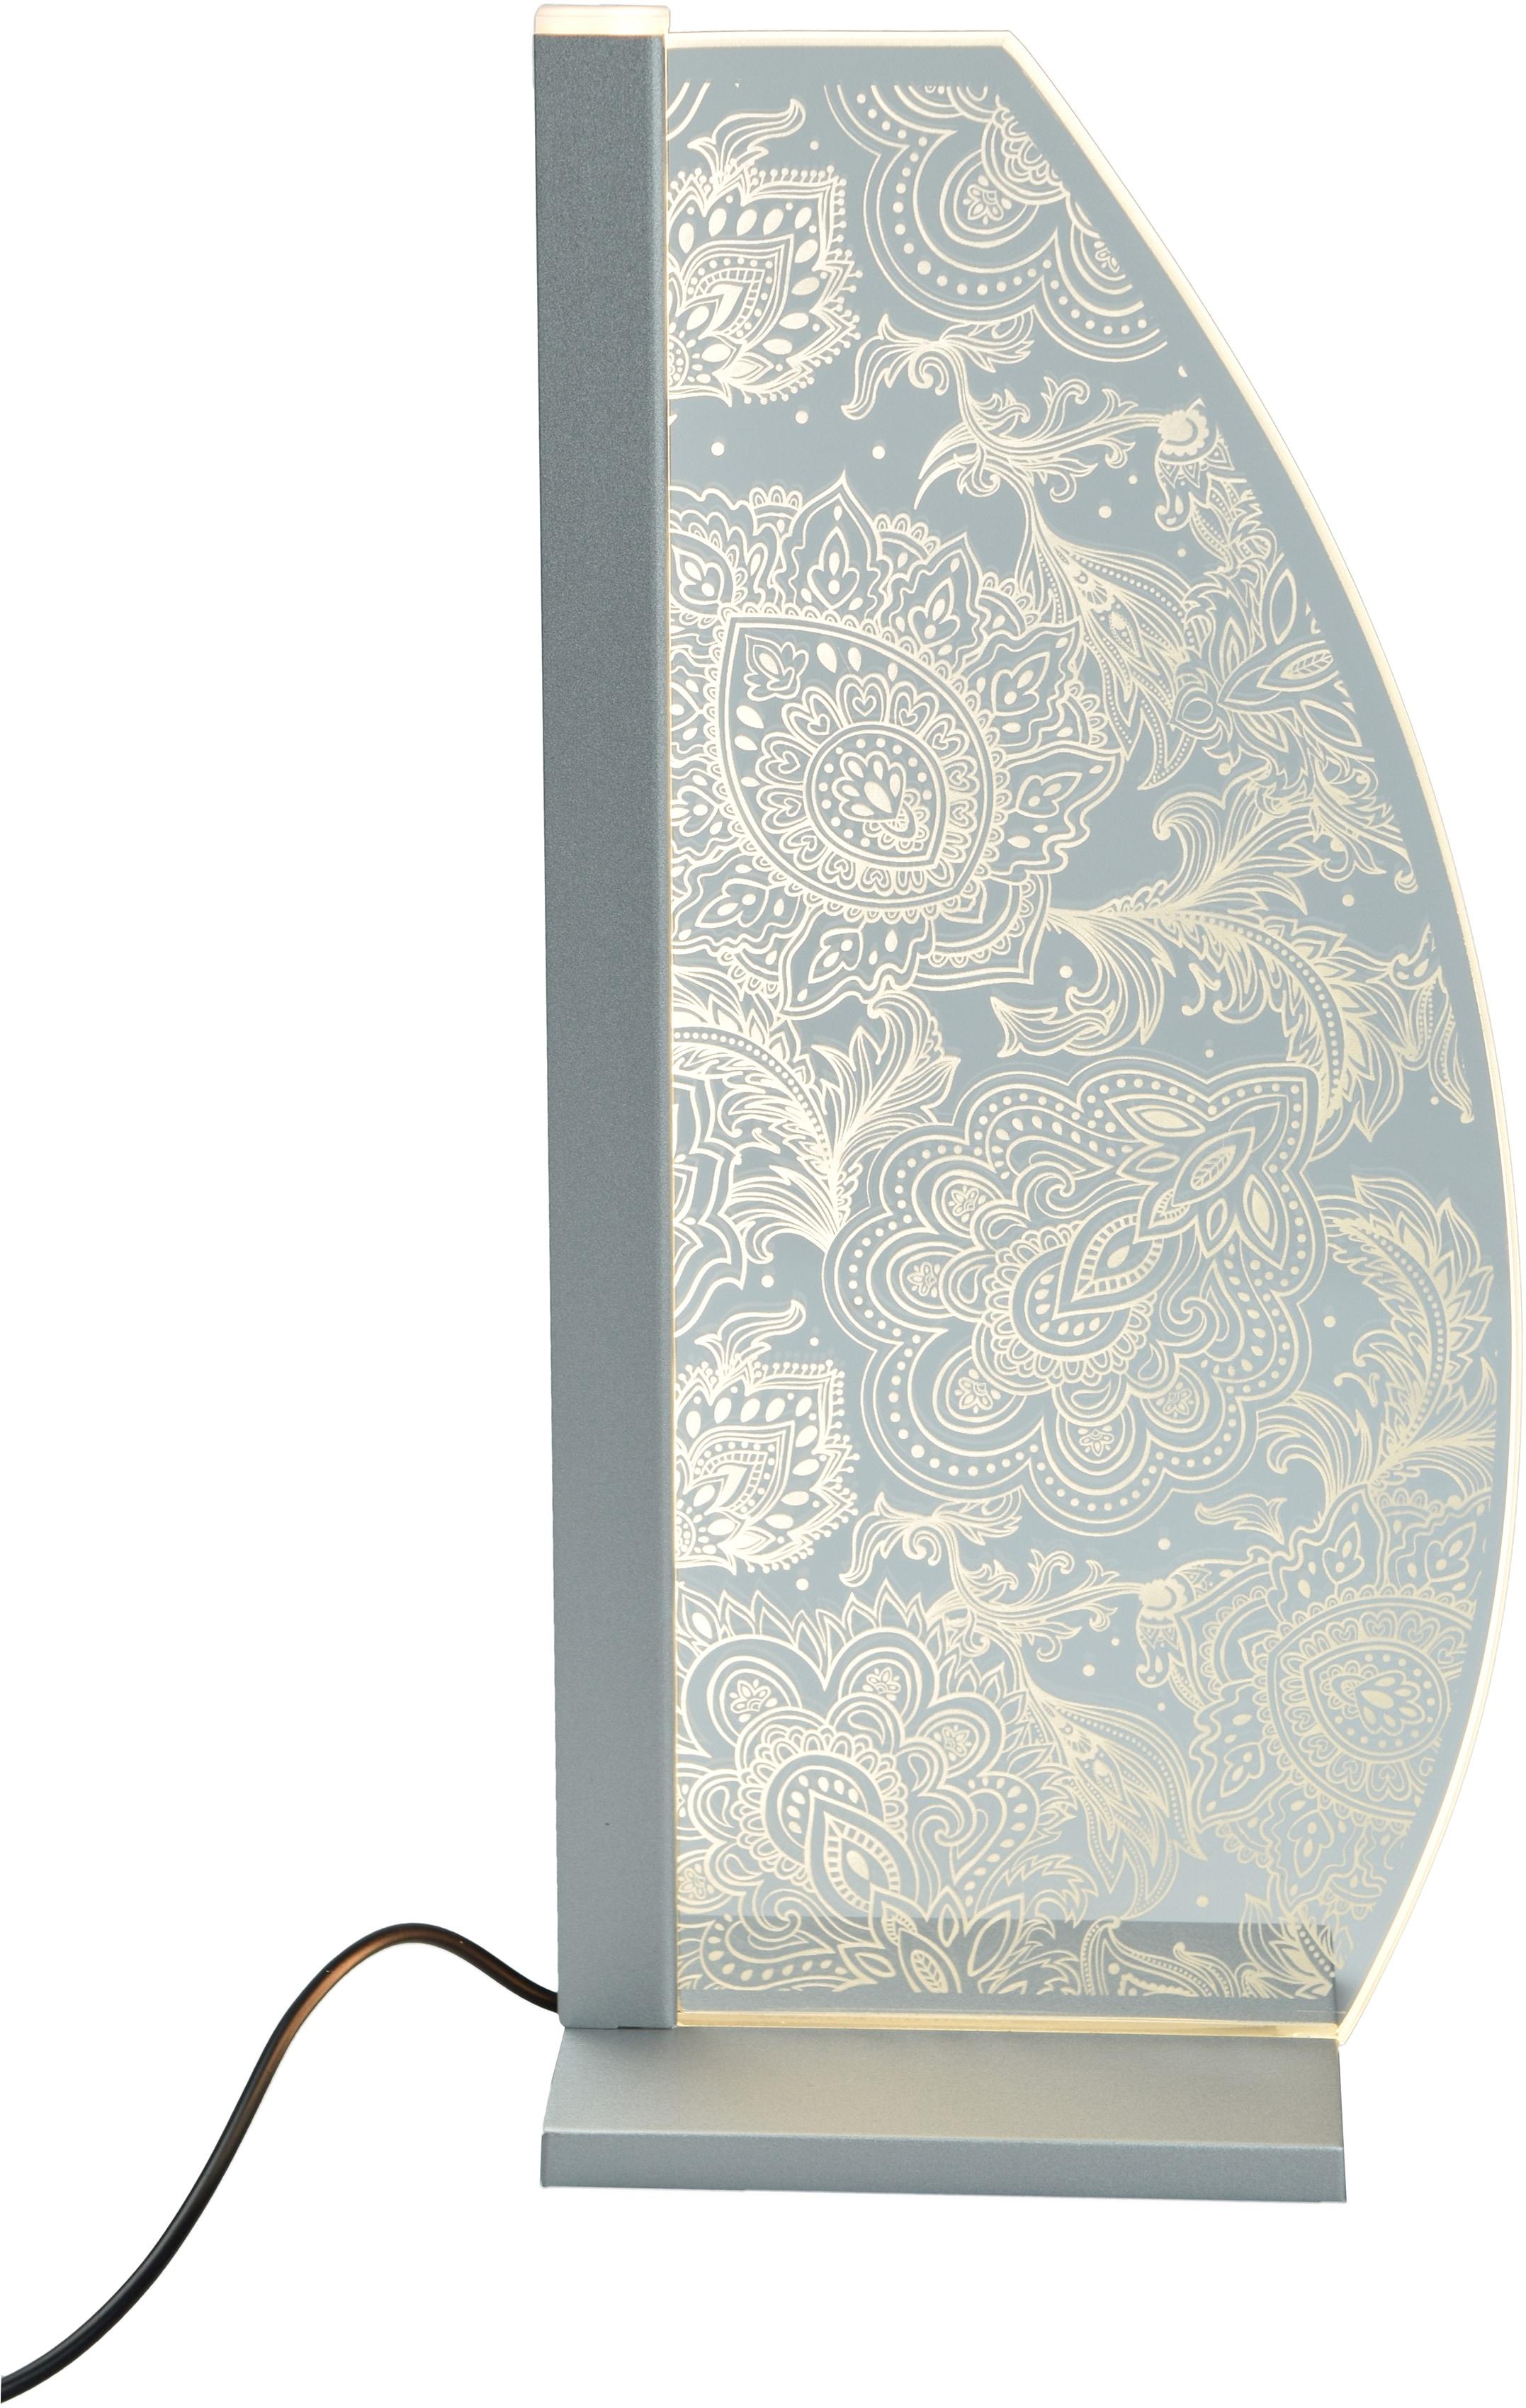 LUVERRE LED Tischleuchte Ornament, LED-Board, 1 St., Kristallglas, Innengravur, Ornament LED Tischleuchte